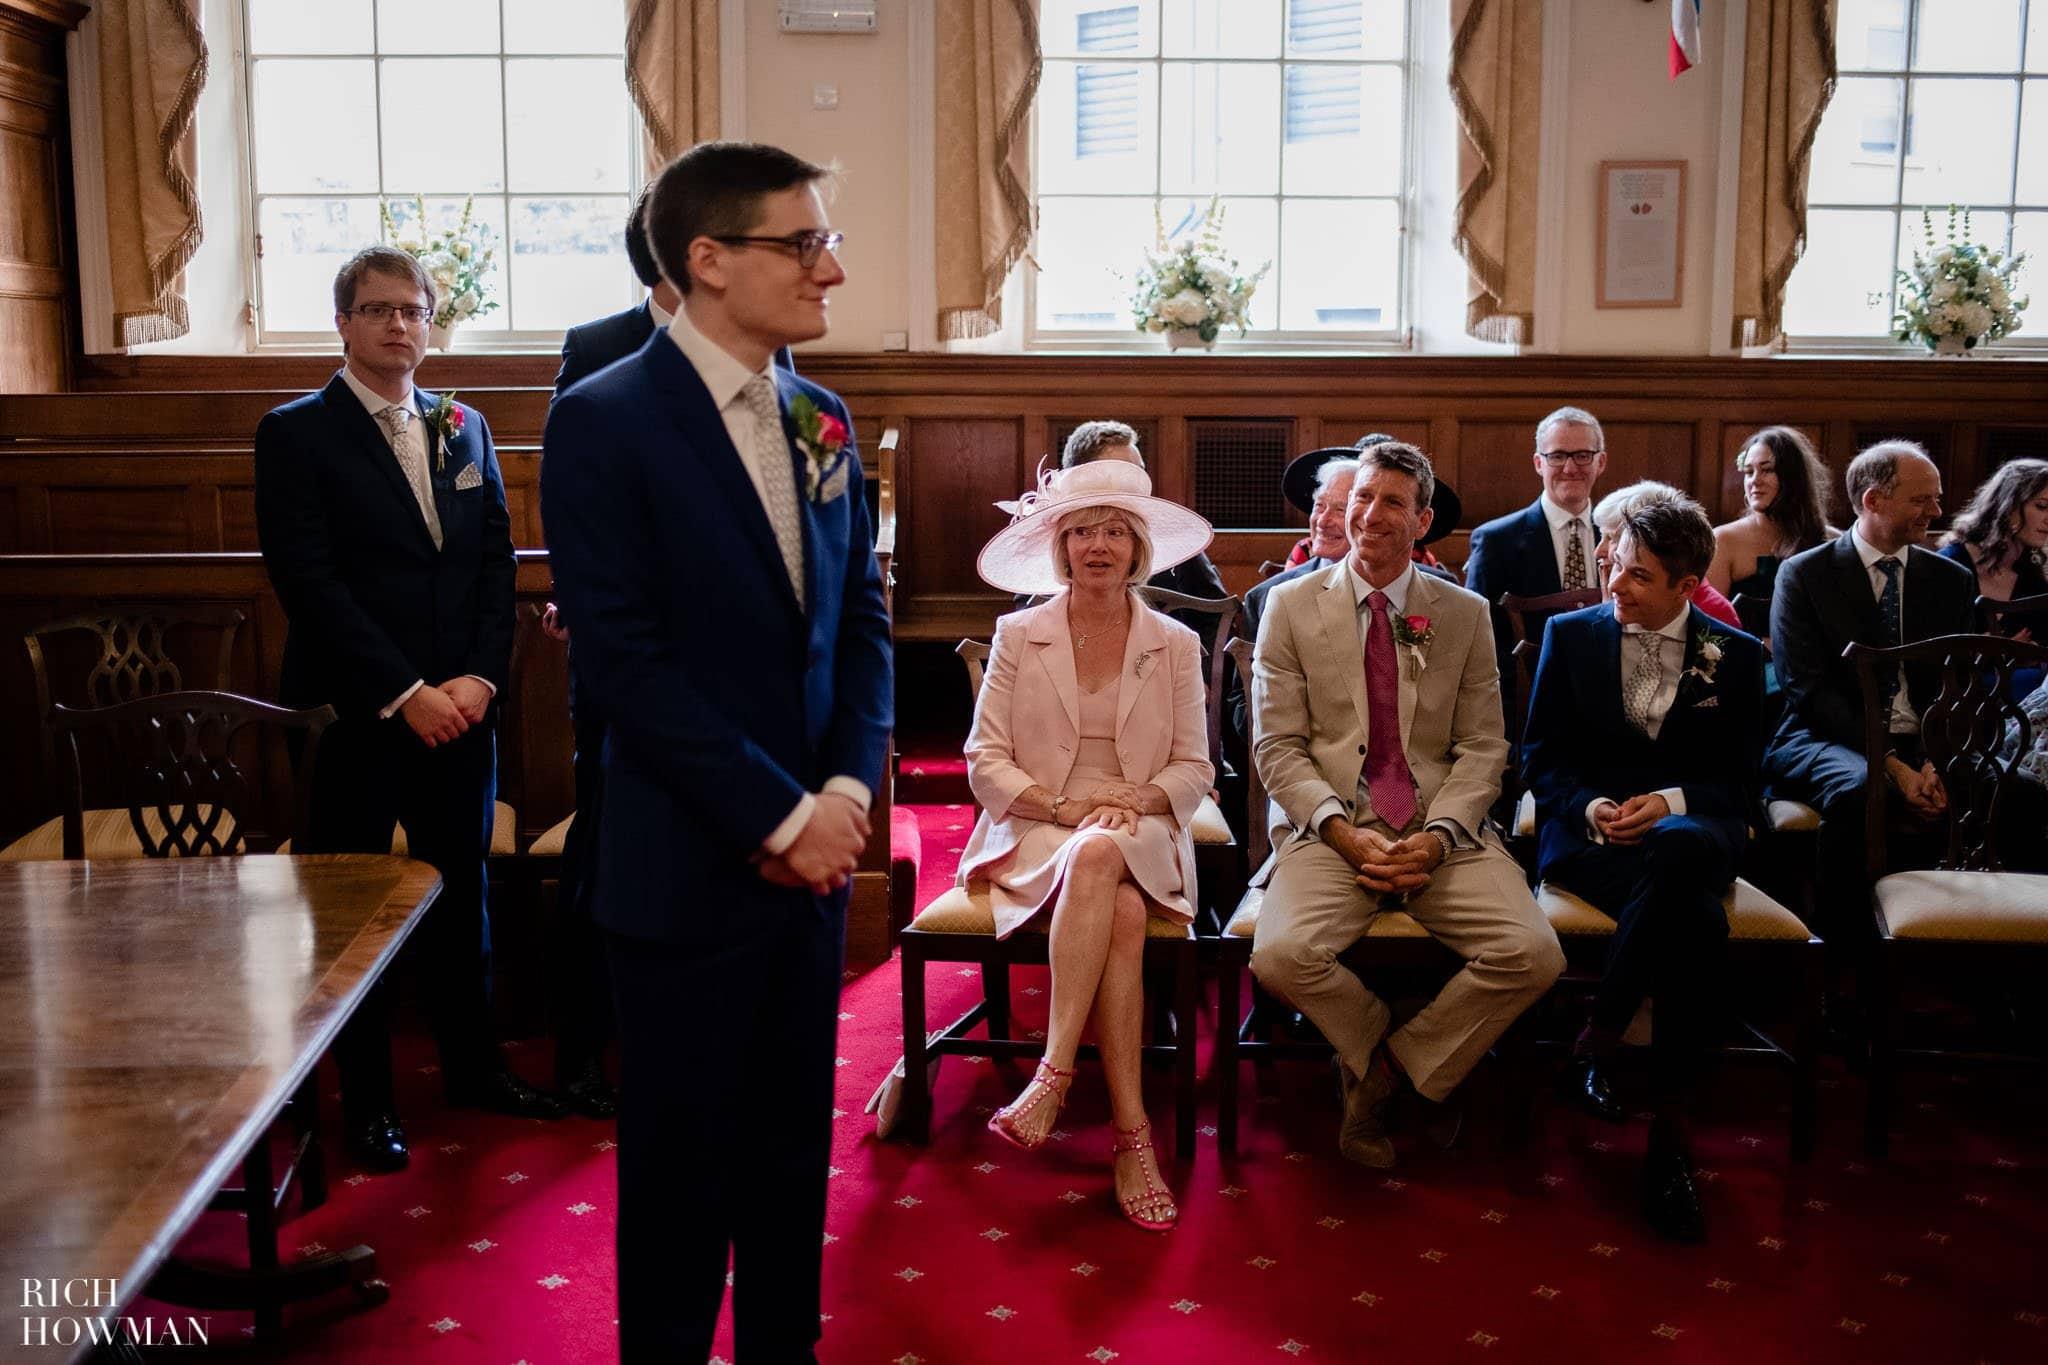 Bath Guildhall Wedding | Gloucestershire Farm Reception 59